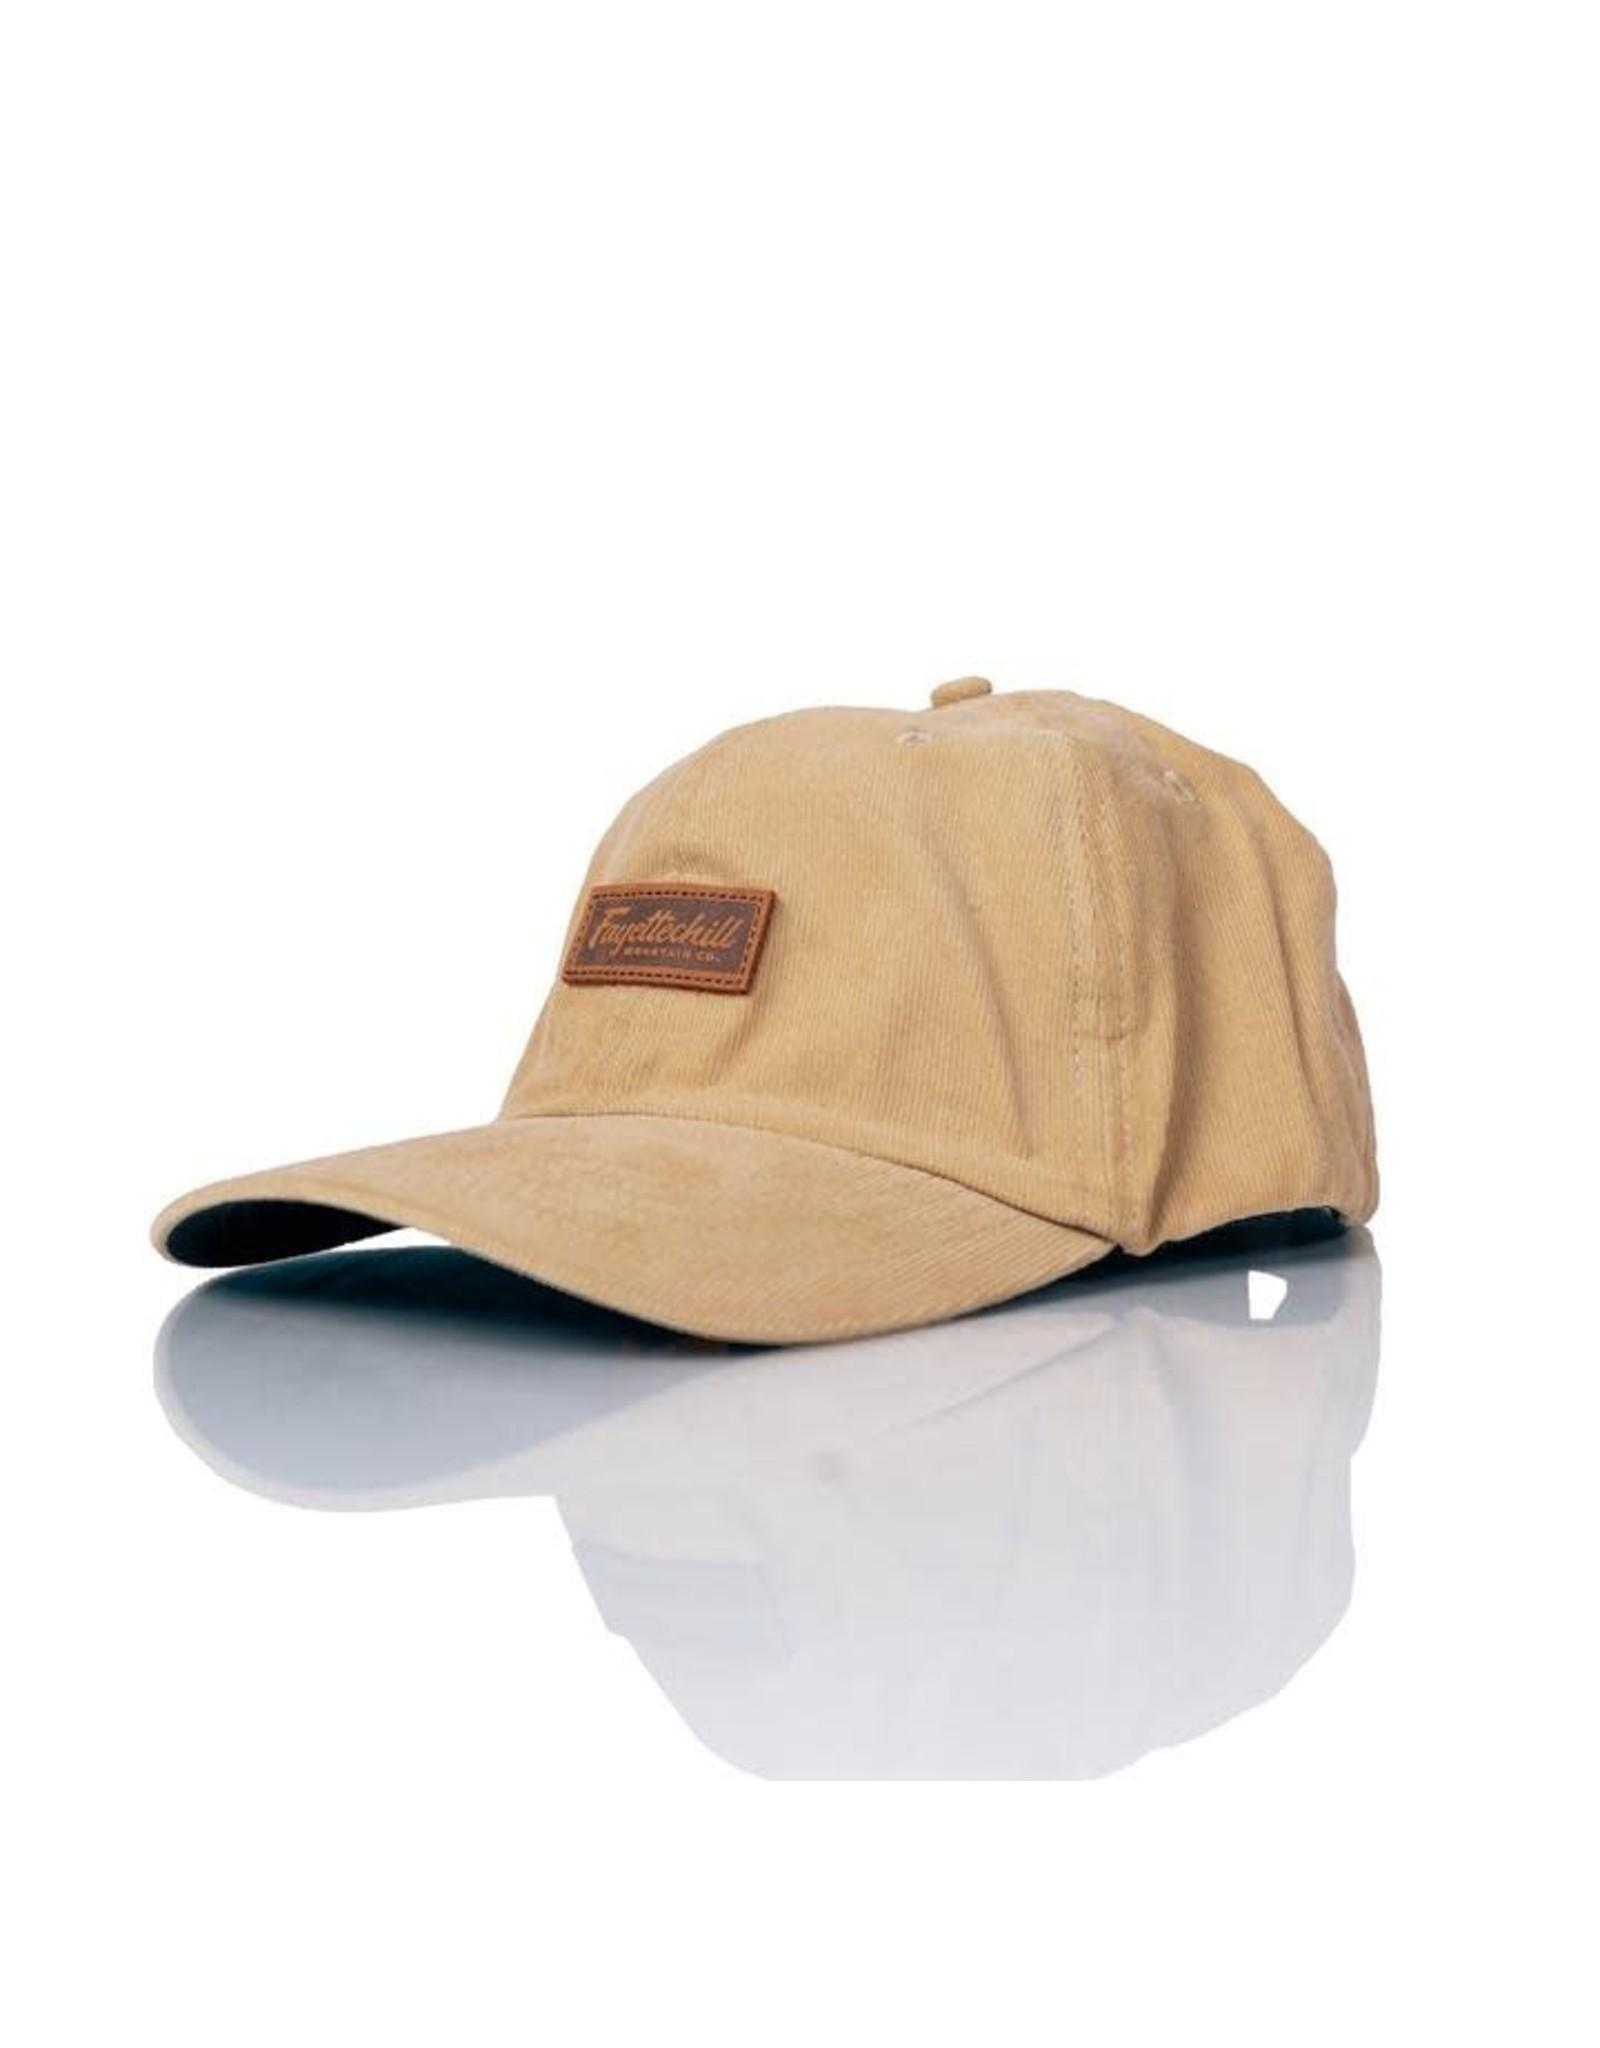 Fayettechill Fayettechill Everyday Hat